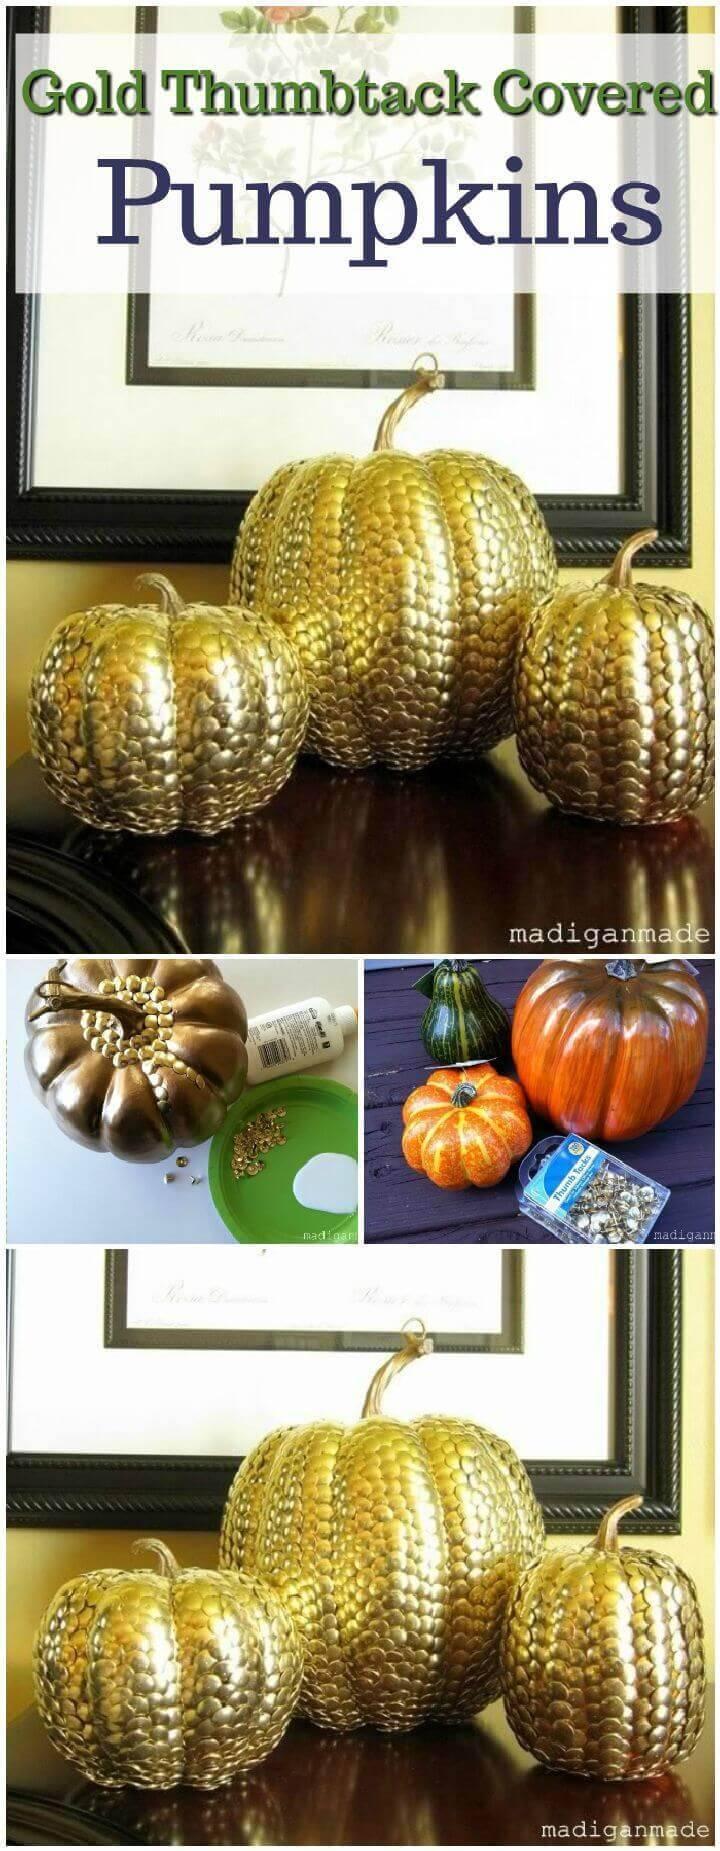 Gold Thumbtack Covered Pumpkins